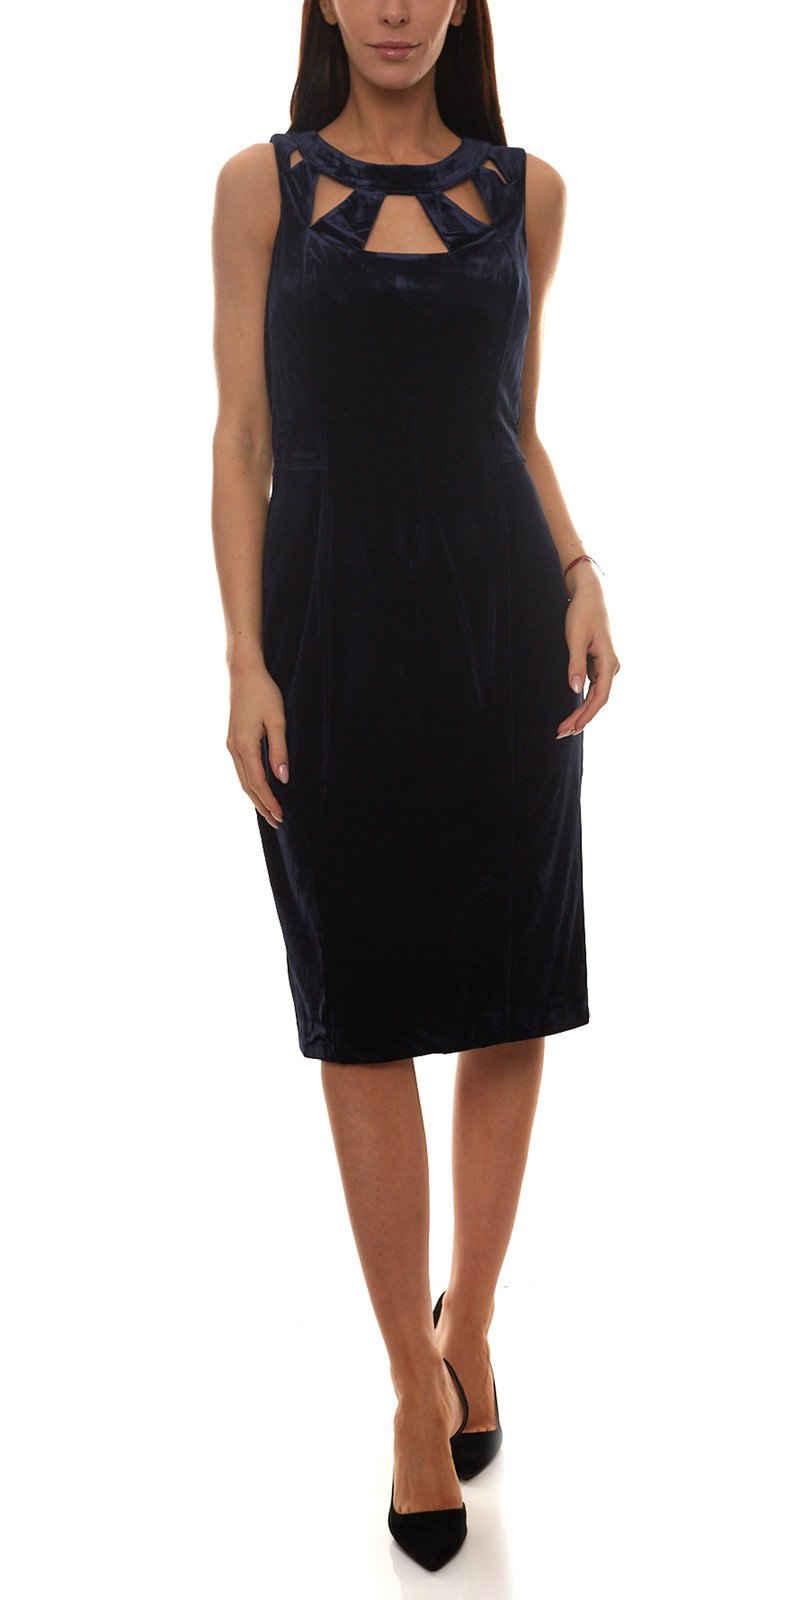 Siena Studio Etuikleid »SIENA STUDIO Etui-Kleid gemütliches Damen Abend-Kleid Samt-Kleid mit Cut-Outs Nachtblau«